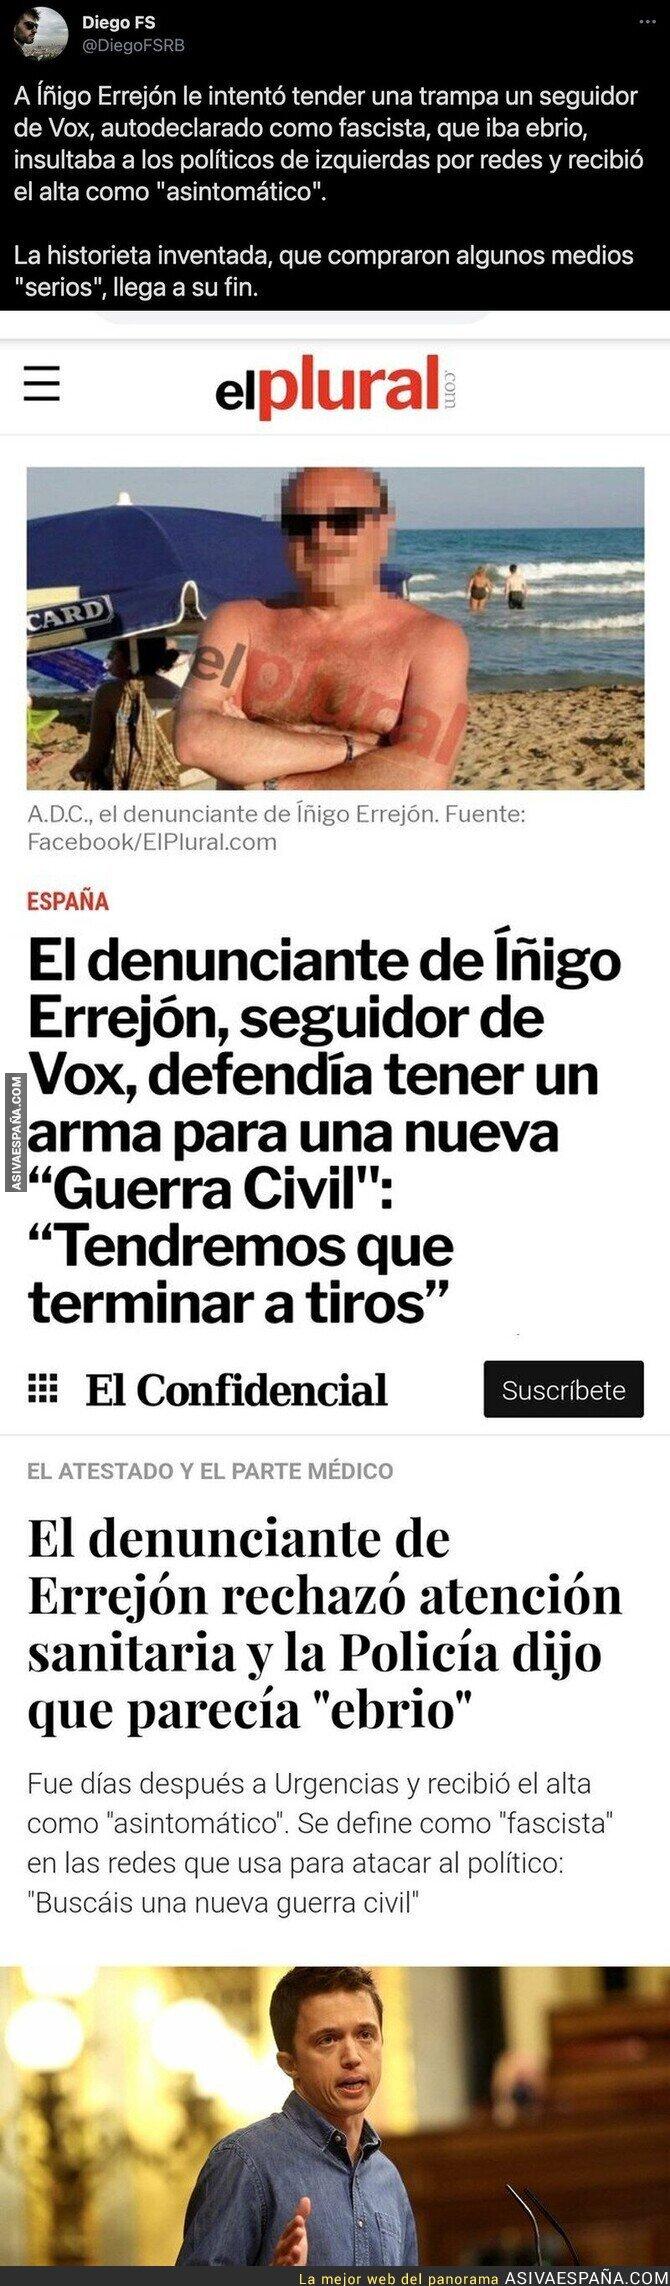 806848 - La trampa que intentaron ponerle a Íñigo Errejón y que varios medios compraron